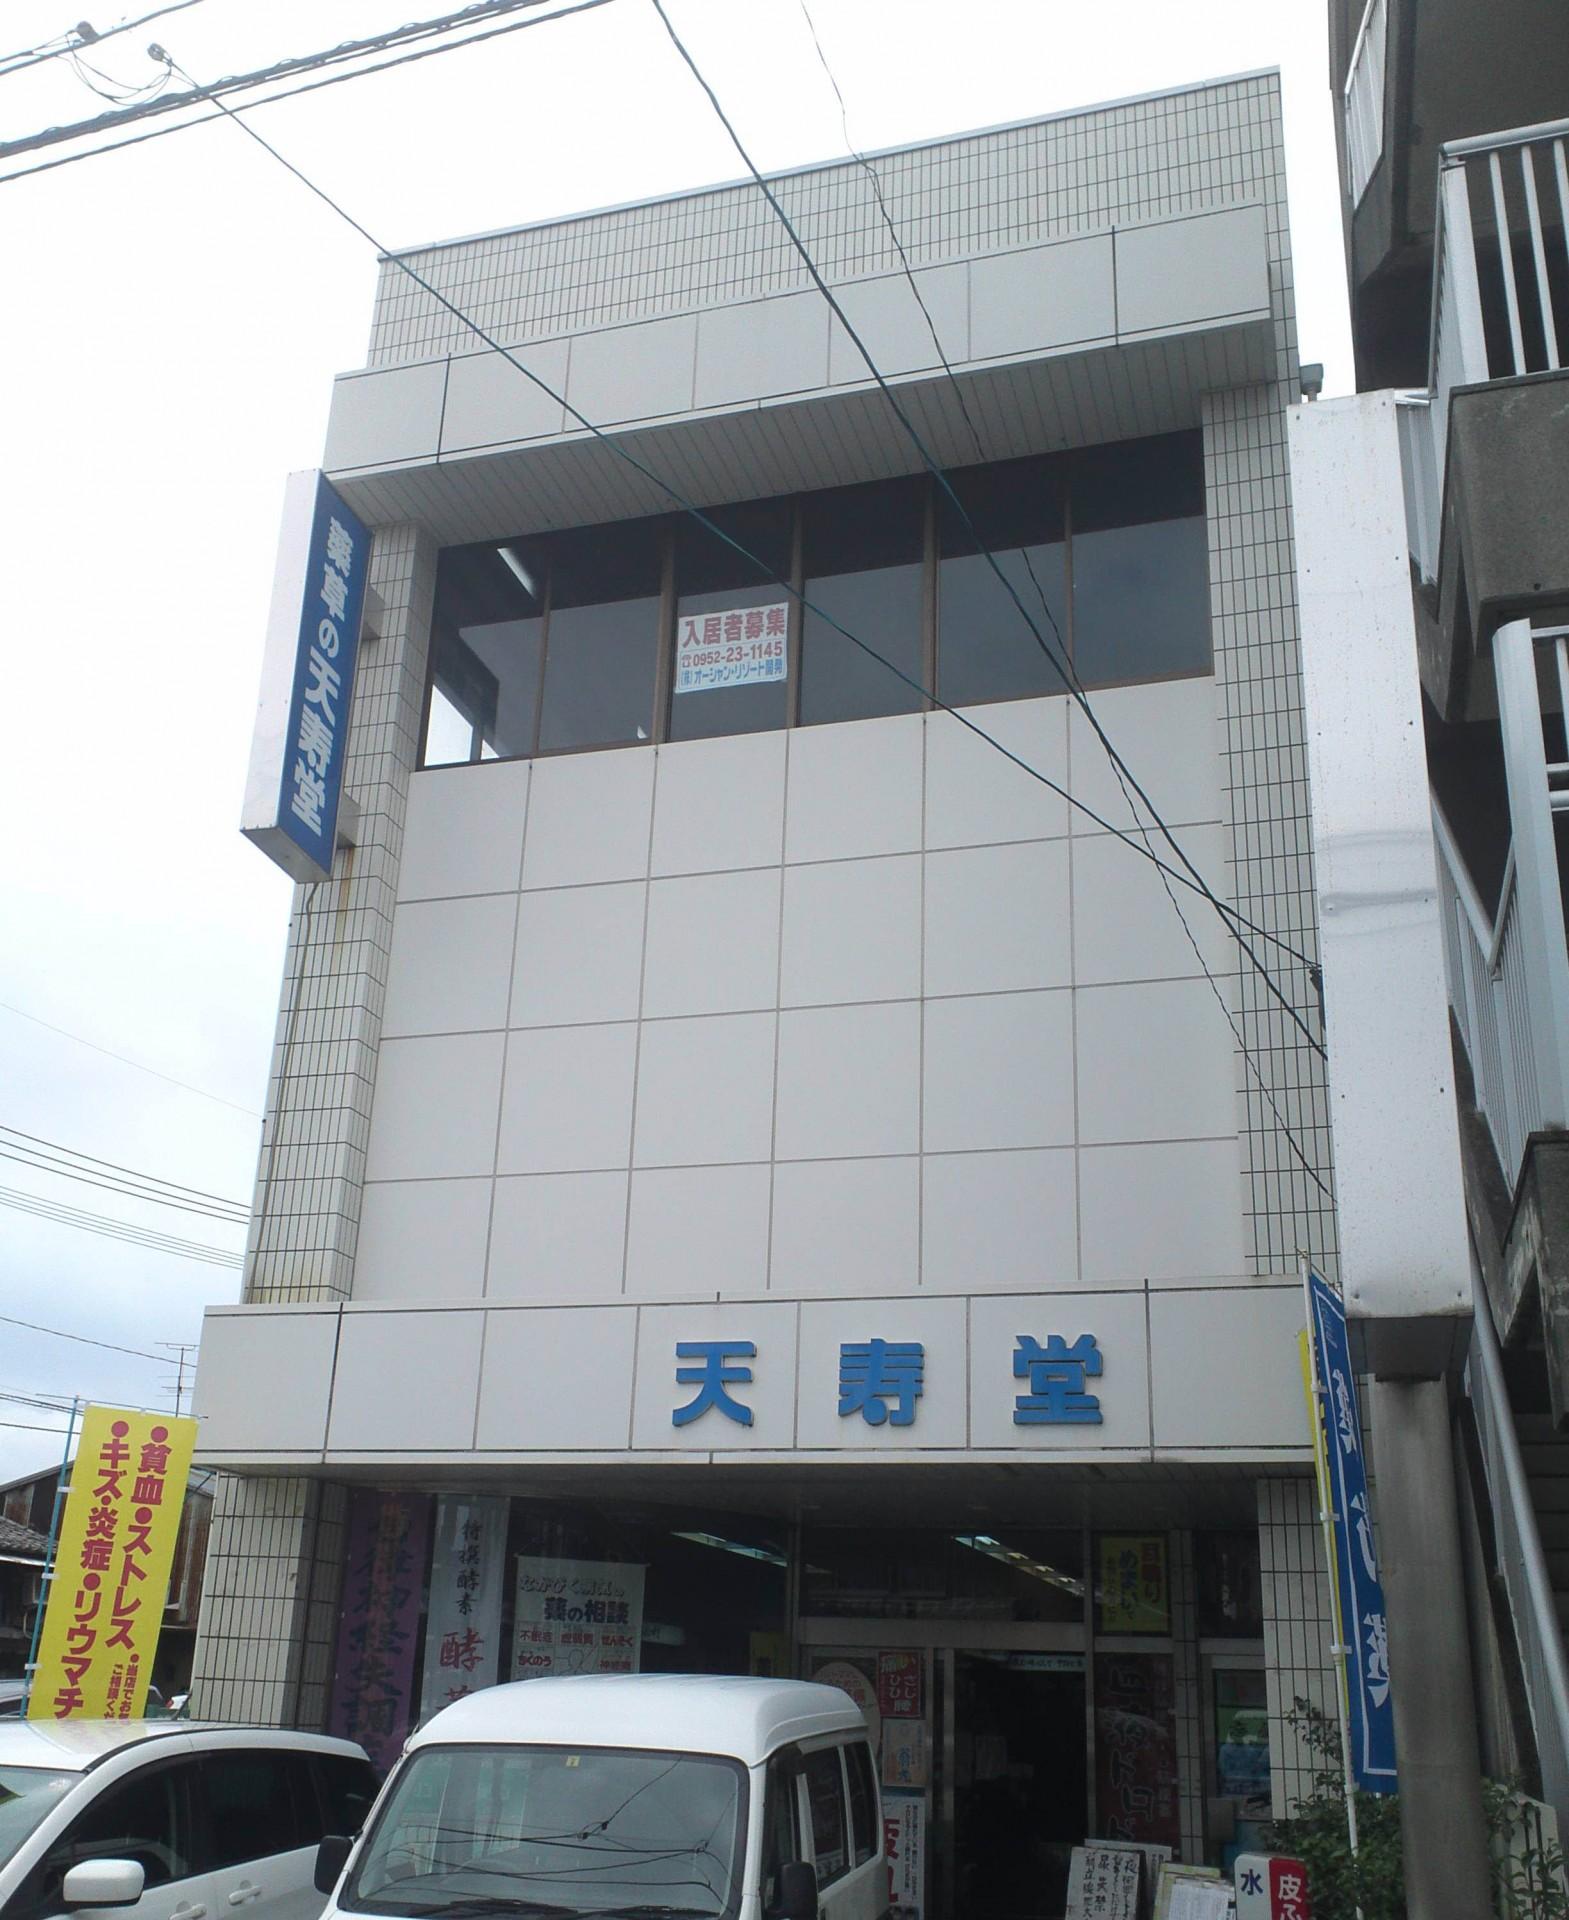 場所は呉服元町の子どもの本屋ピピンから東に100メートルほど進んだ場所に位置します。